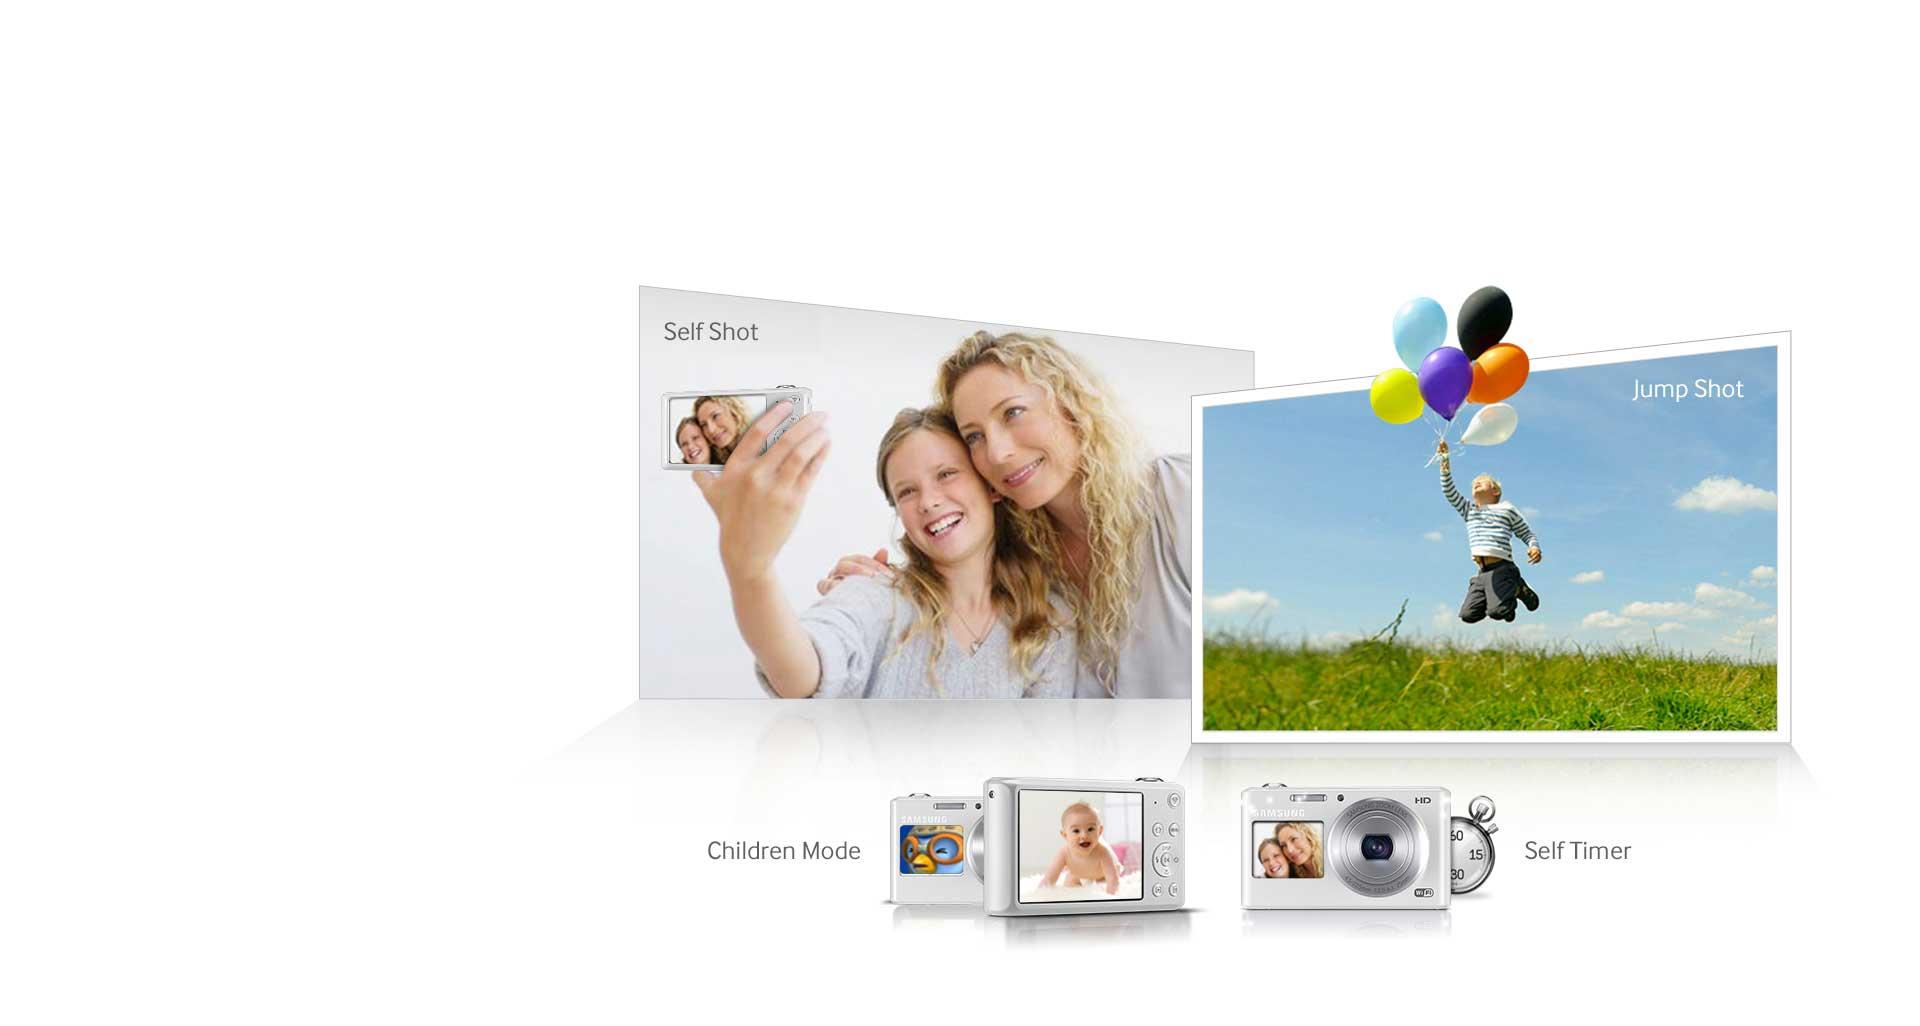 دوربین دیجیتال سامسونگ هوشمند سری DV سفید DV-150F